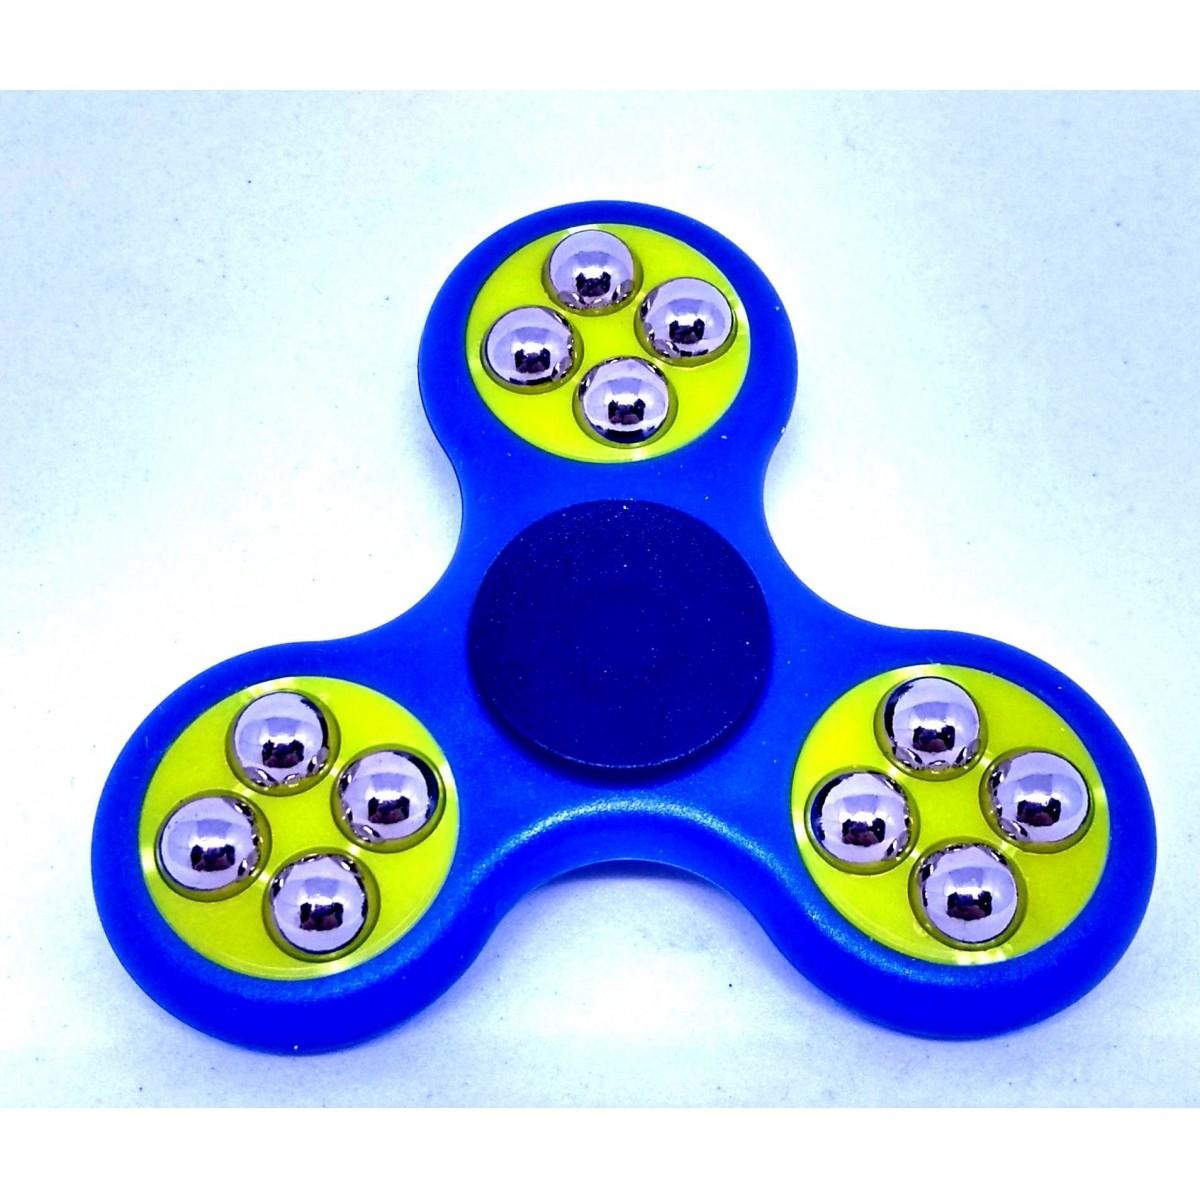 Hand Spinner com bolinhas Azul e Amarelo - Rolamento Anti Estresse Fidget Hand Spinner